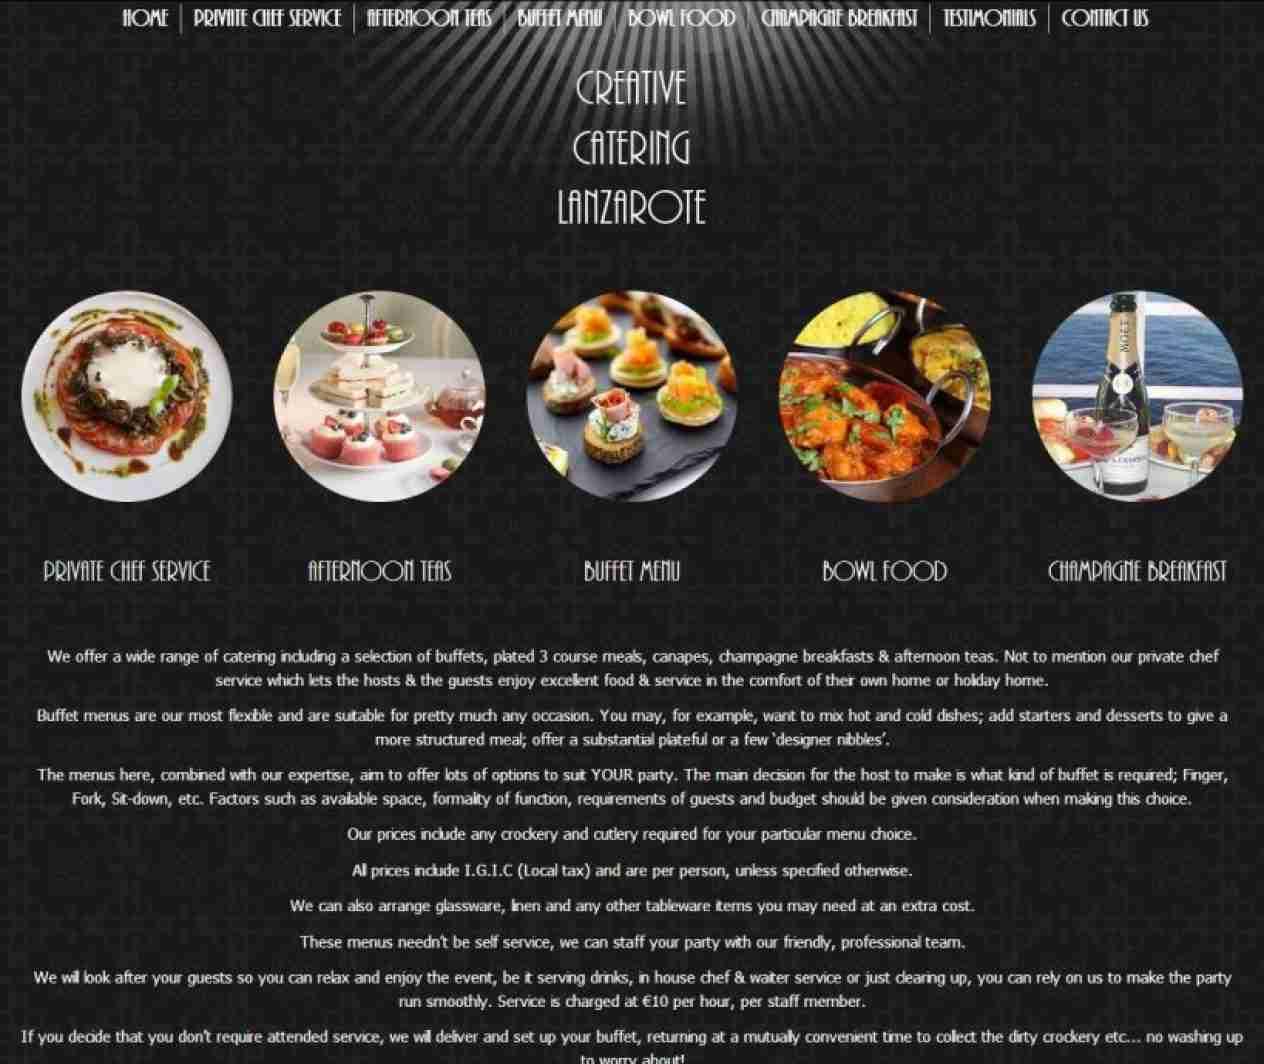 Creative Catering Lanzarote